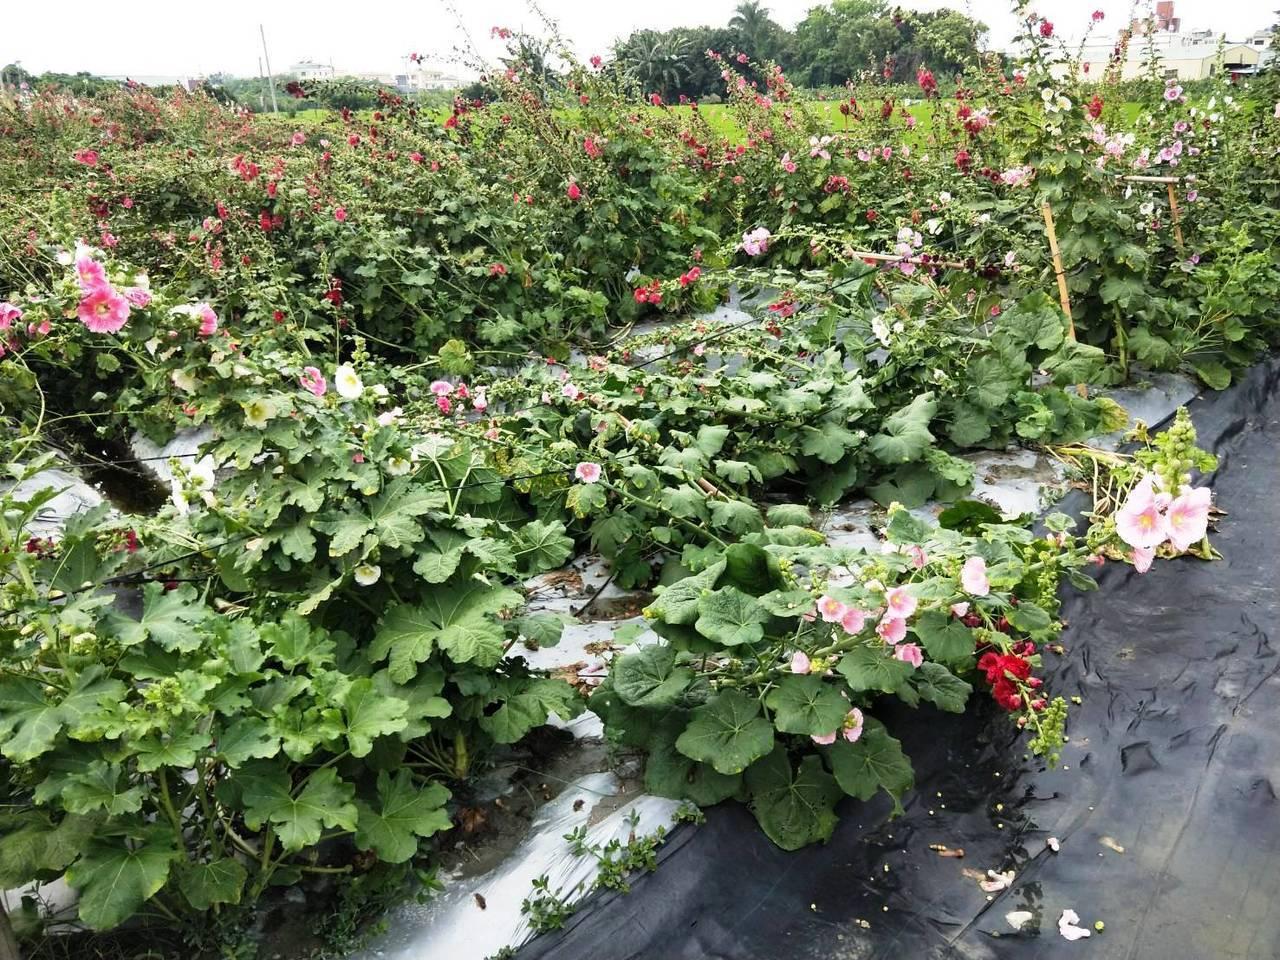 1萬6千多株千嬌百媚的蜀葵花不堪一場狂風暴雨,已倒成一片。記者何烱榮/攝影